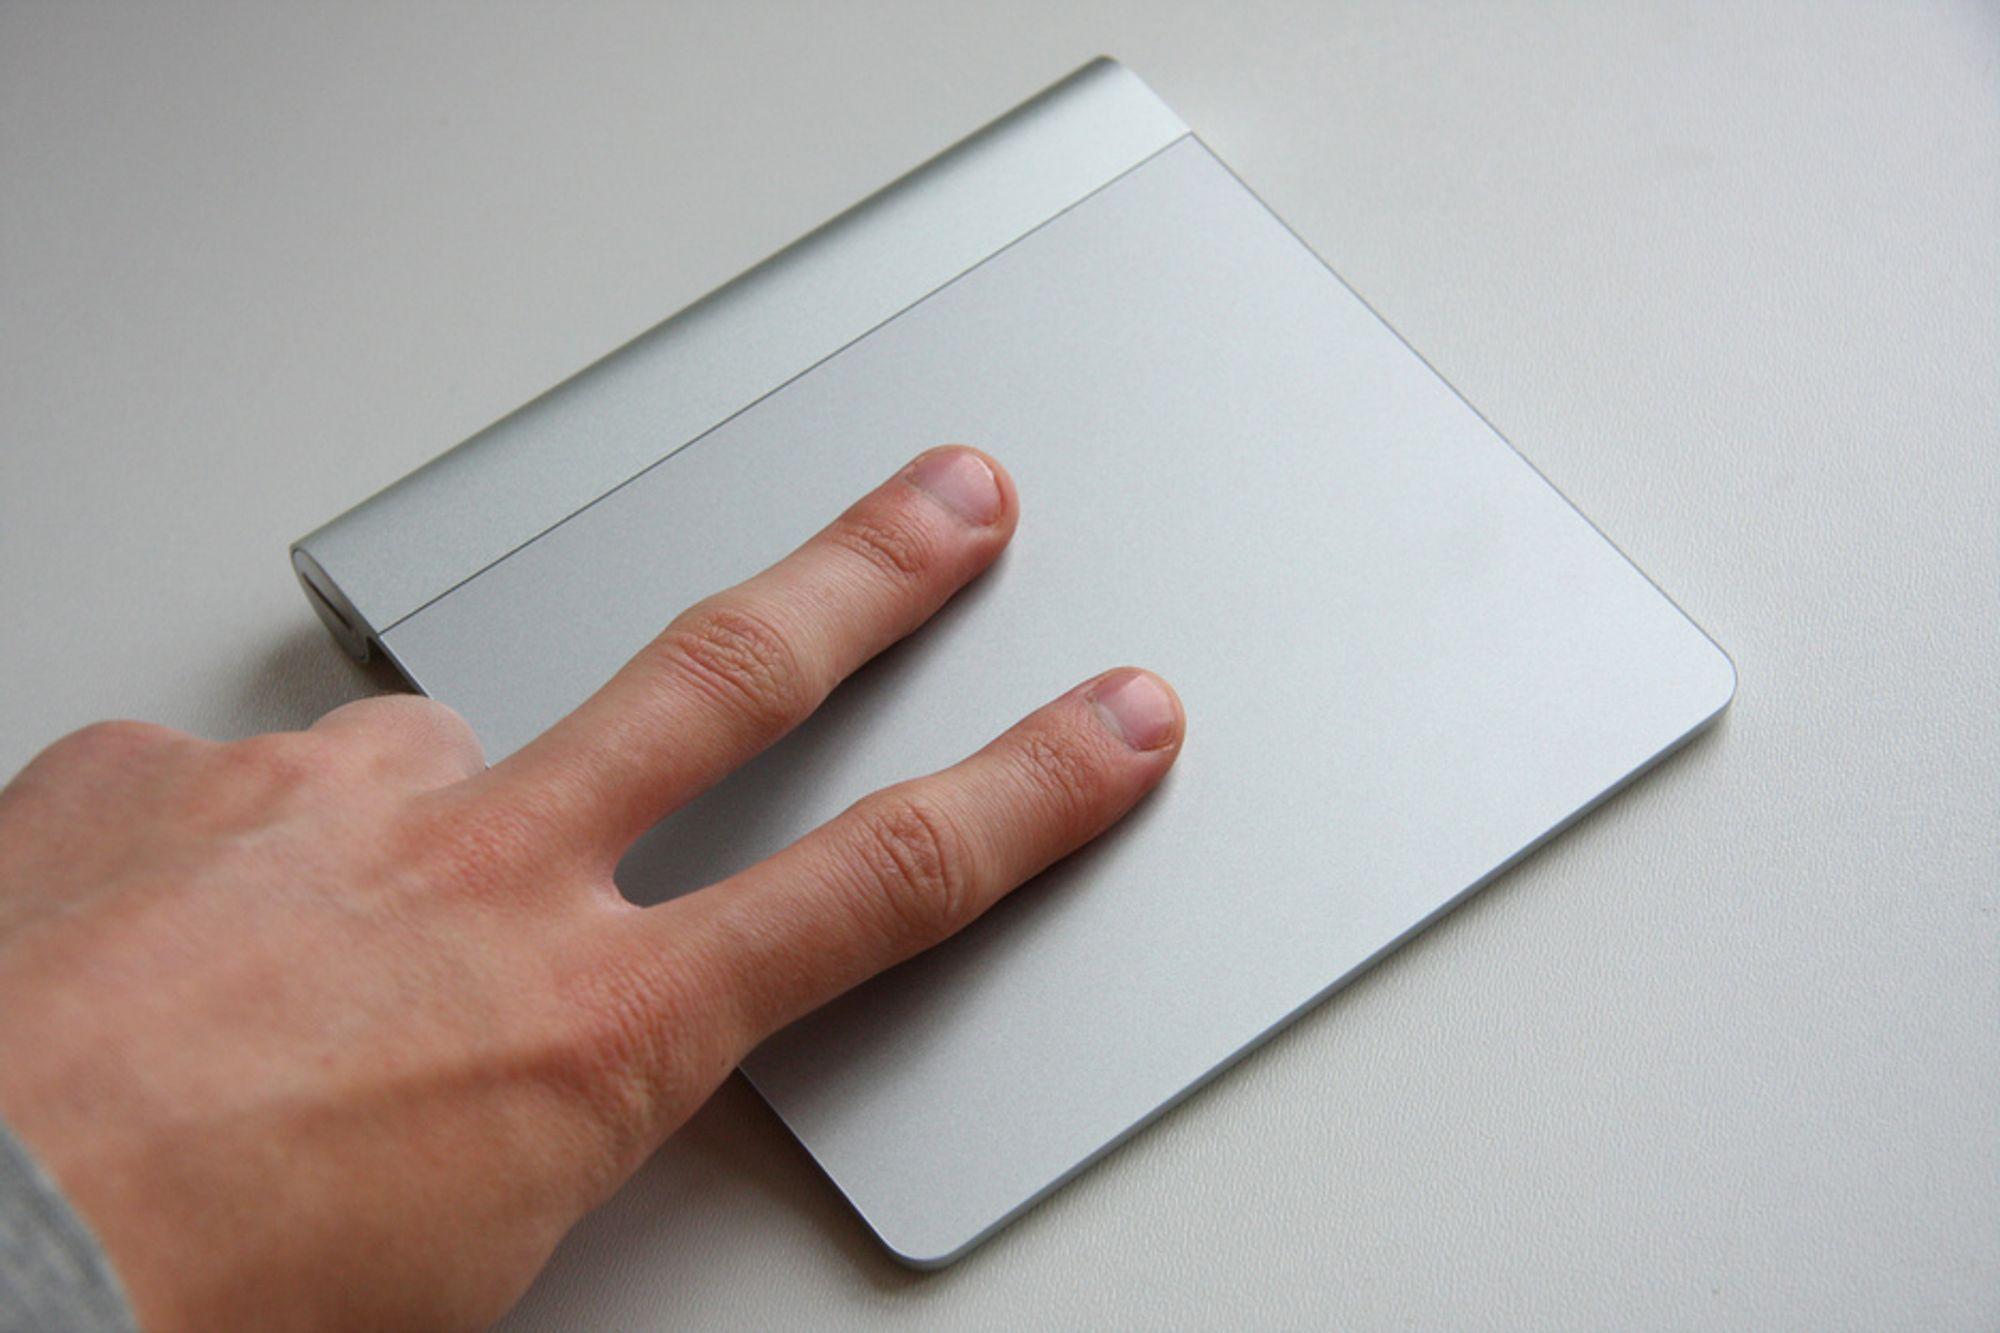 Magic Trackpad er en pekeflate for stasjonære maskiner. Den er stor, ergonomisk og funksjonsrik.